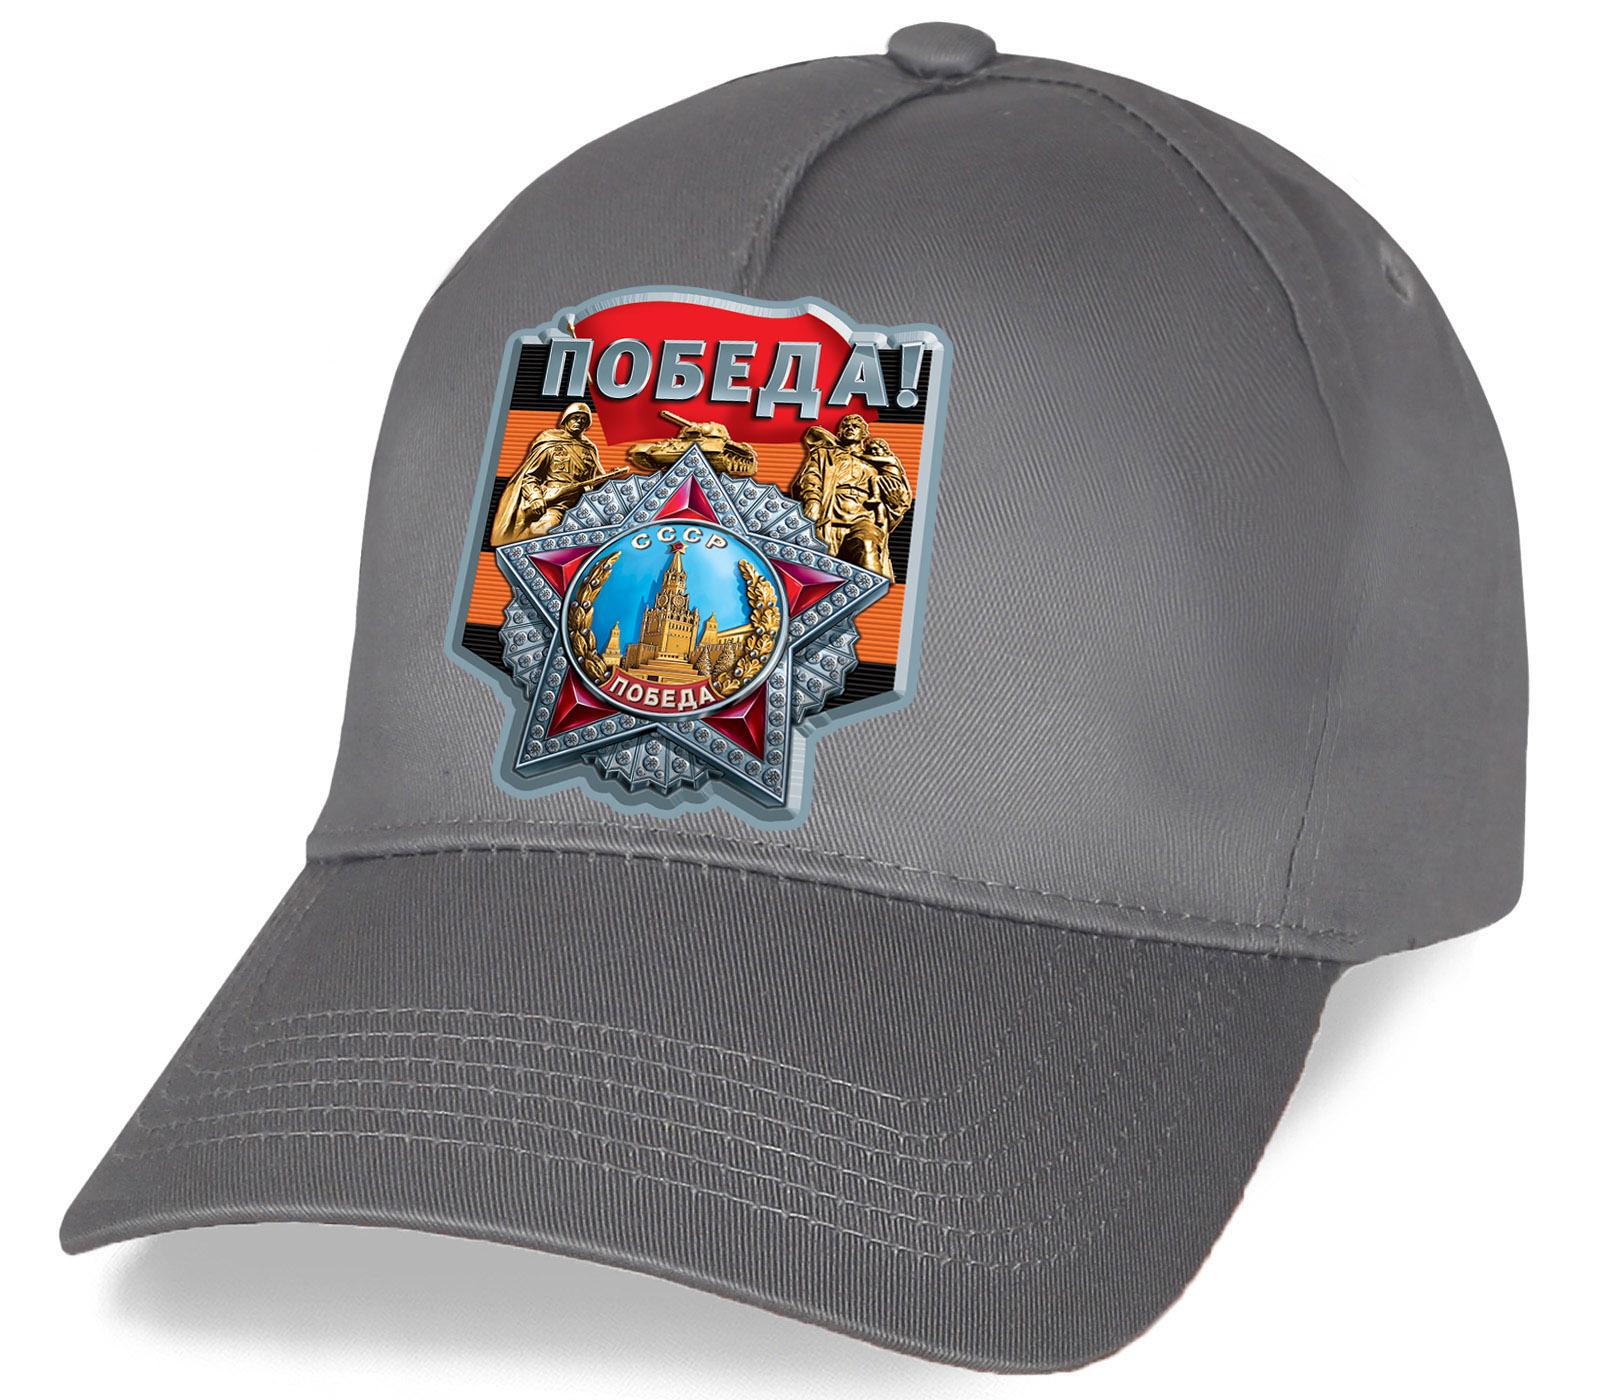 Страна вся празднует победу! Оригинальная кепка в дизайне, разработанном к 9 мая!